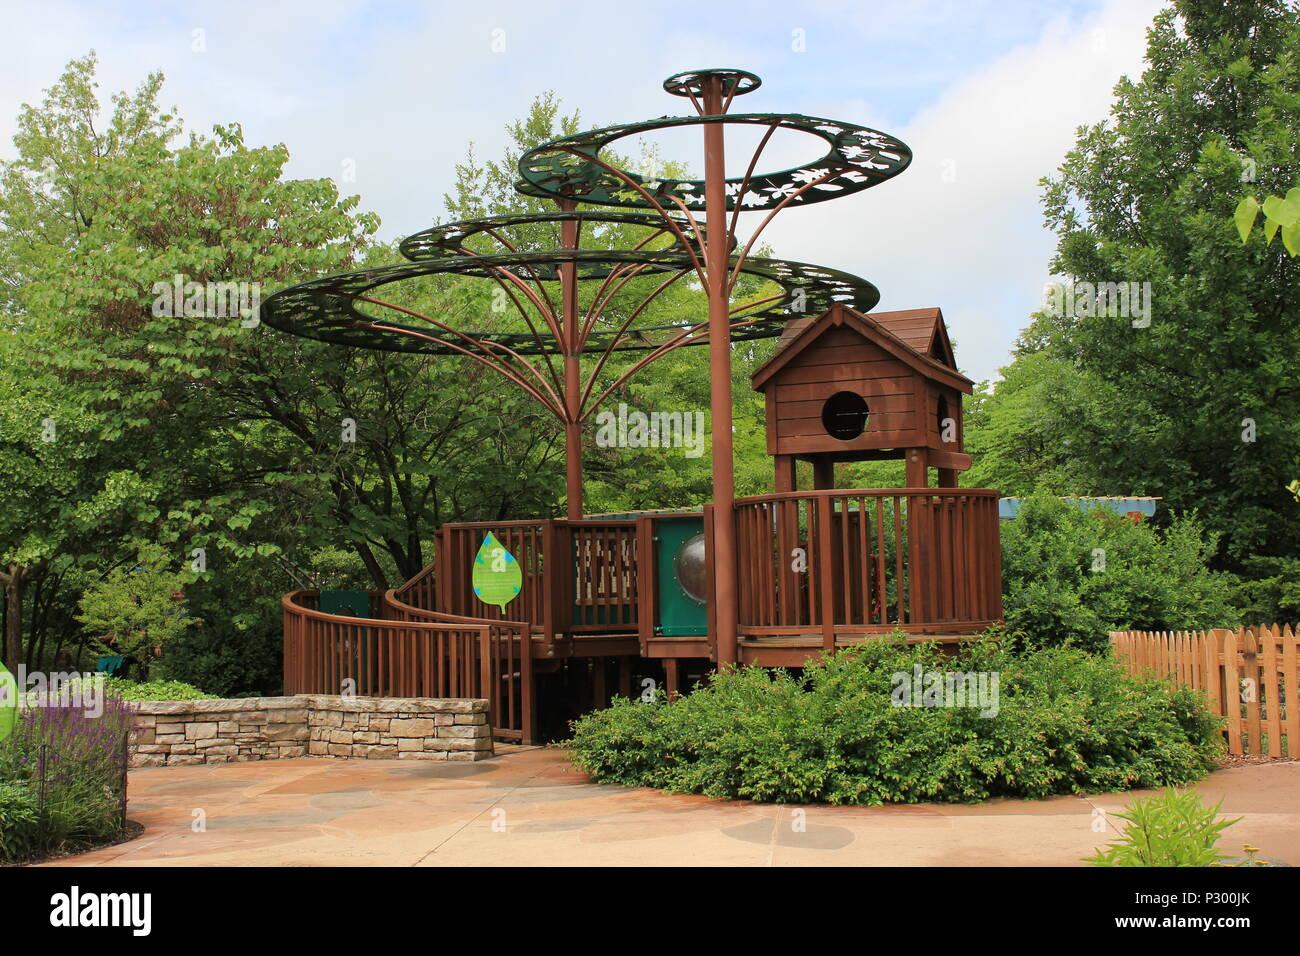 Baumhaus Einen Kinder Garten An Der Morton Arboretum In Lisle